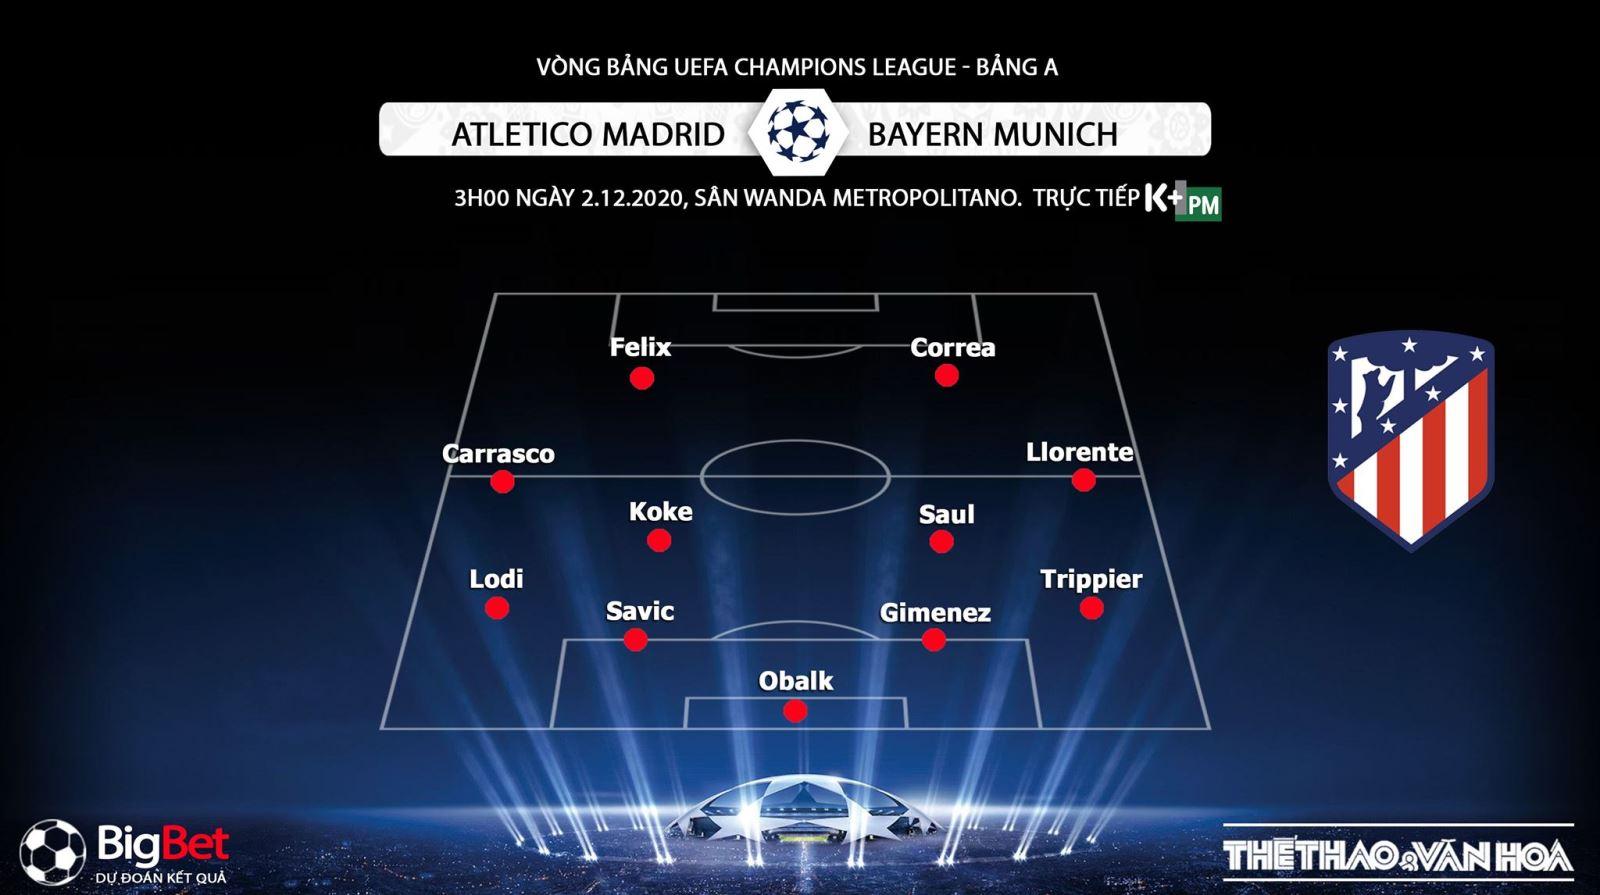 Keo nha cai, Kèo nhà cái, Atletico Madrid vs Bayern Munich, Trực tiếp bóng đá, Cúp C1 châu Âu, trực tiếp Atletico Madrid đấu với Bayern Munich, trực tiếp cúp C1